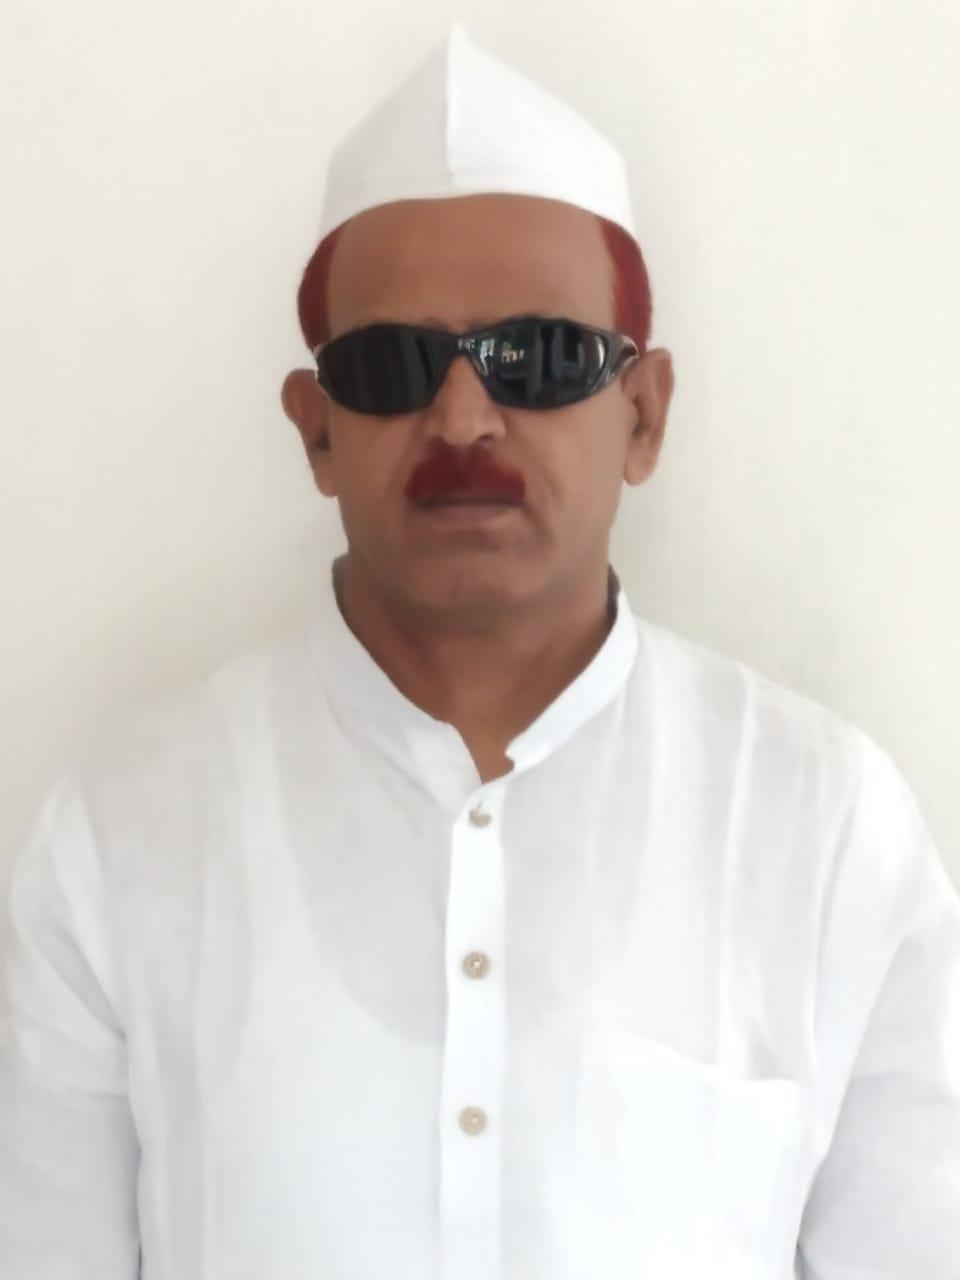 राष्ट्रीय मुस्लिम परिषद के प्रदेश प्रभारी बने डॉक्टर शाहबाज